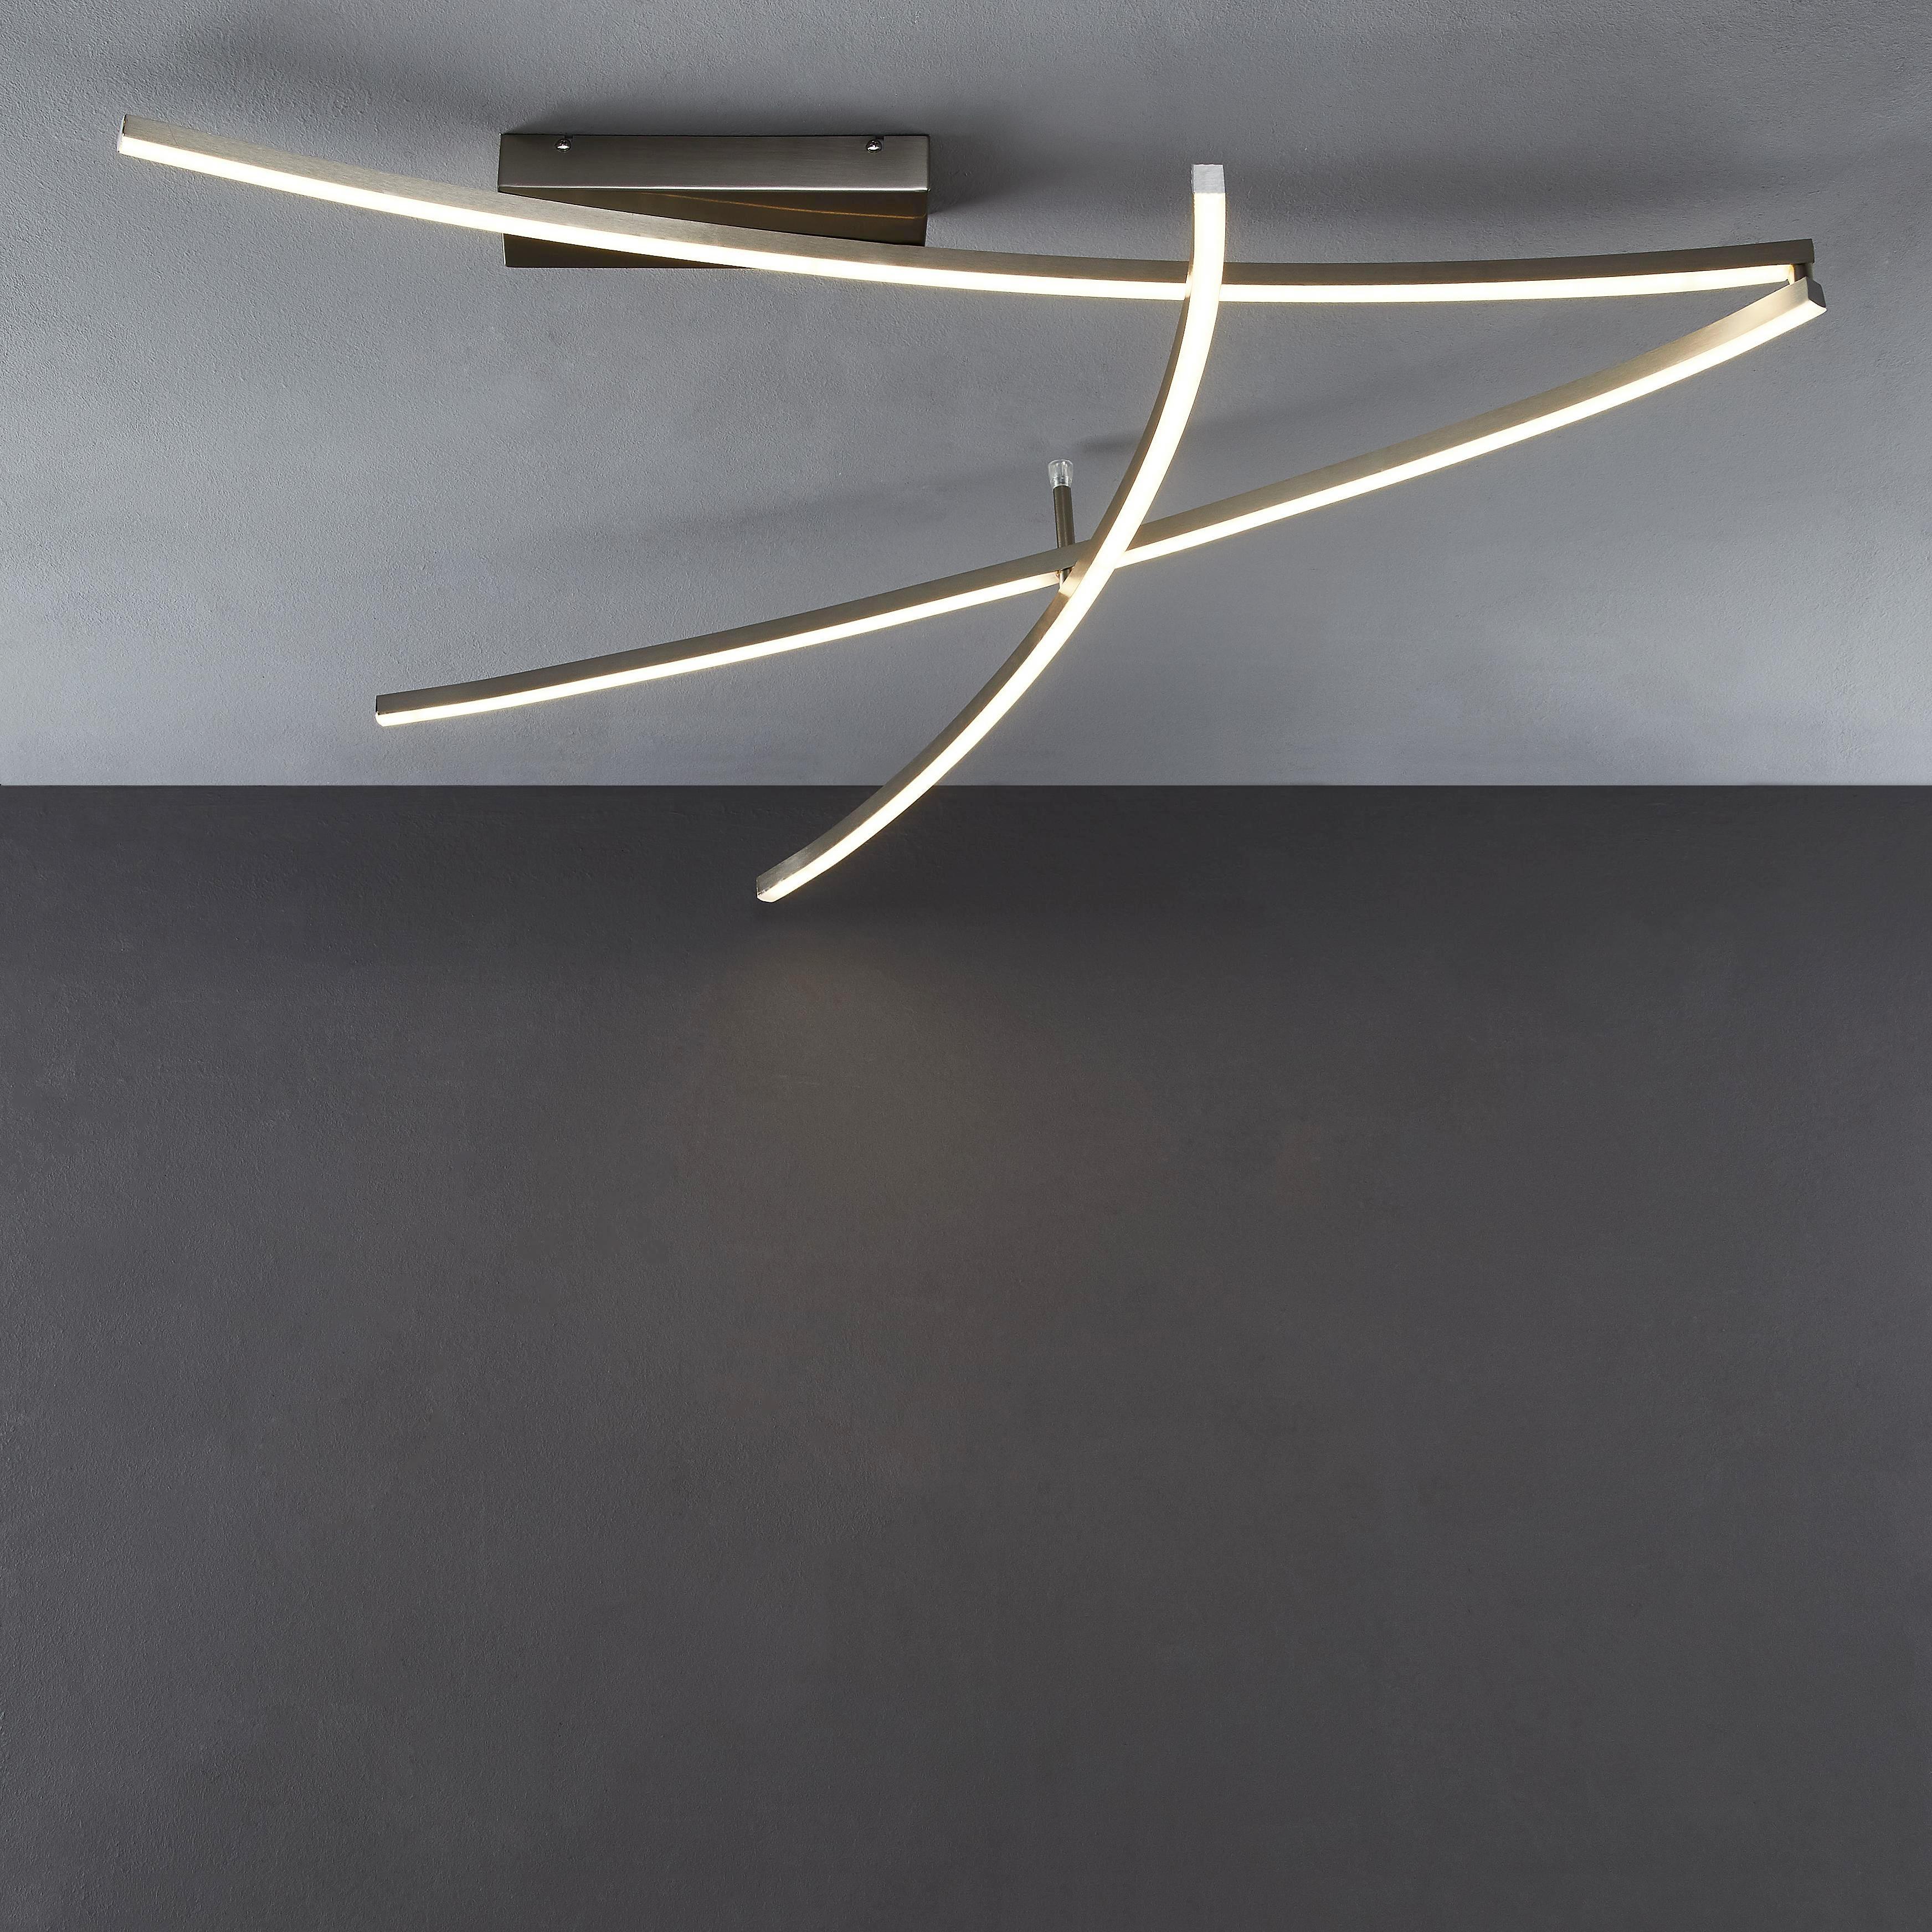 LED-DECKENLEUCHTE - Nickelfarben, Design, Kunststoff/Metall (32/28/112cm) - NOVEL